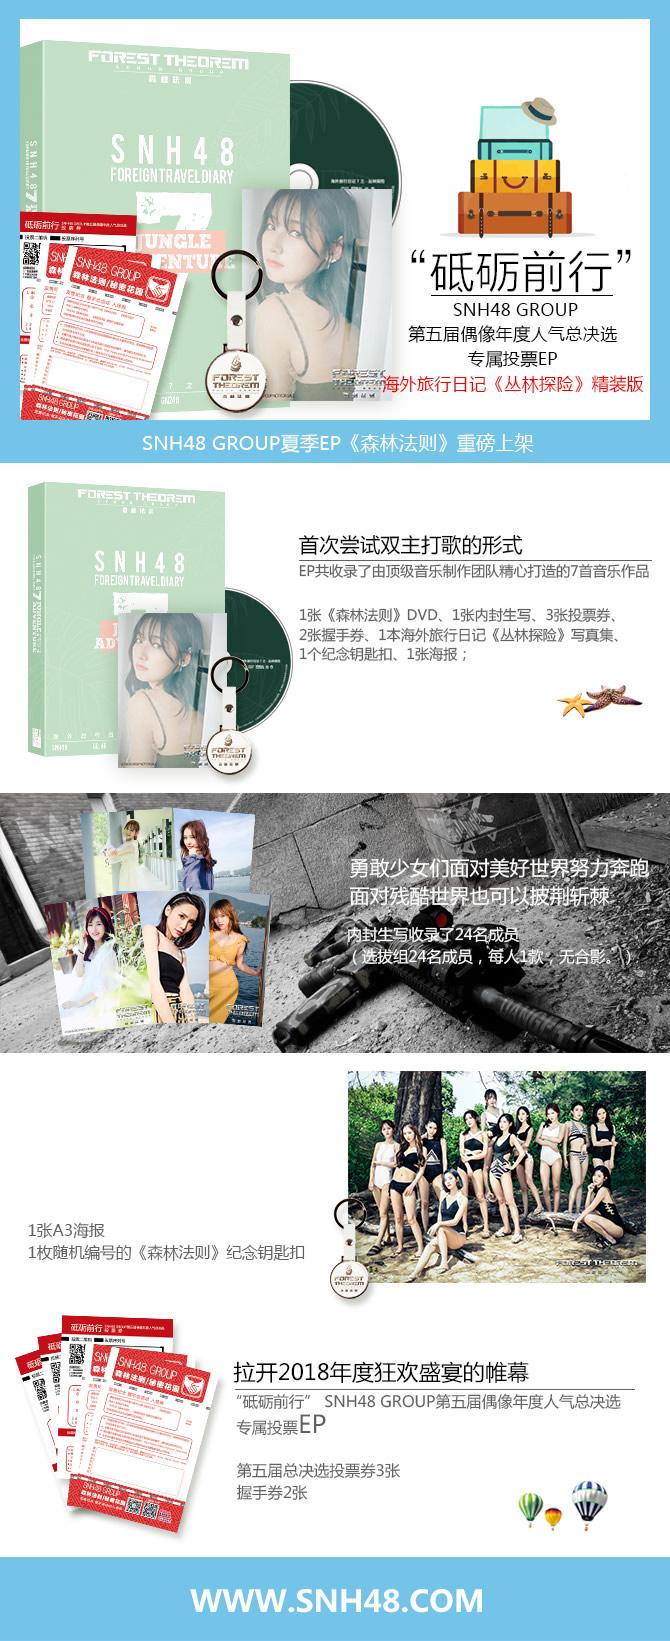 SNH48 GROUP海外旅行日记《丛林探险》精装版今日11点开启预售